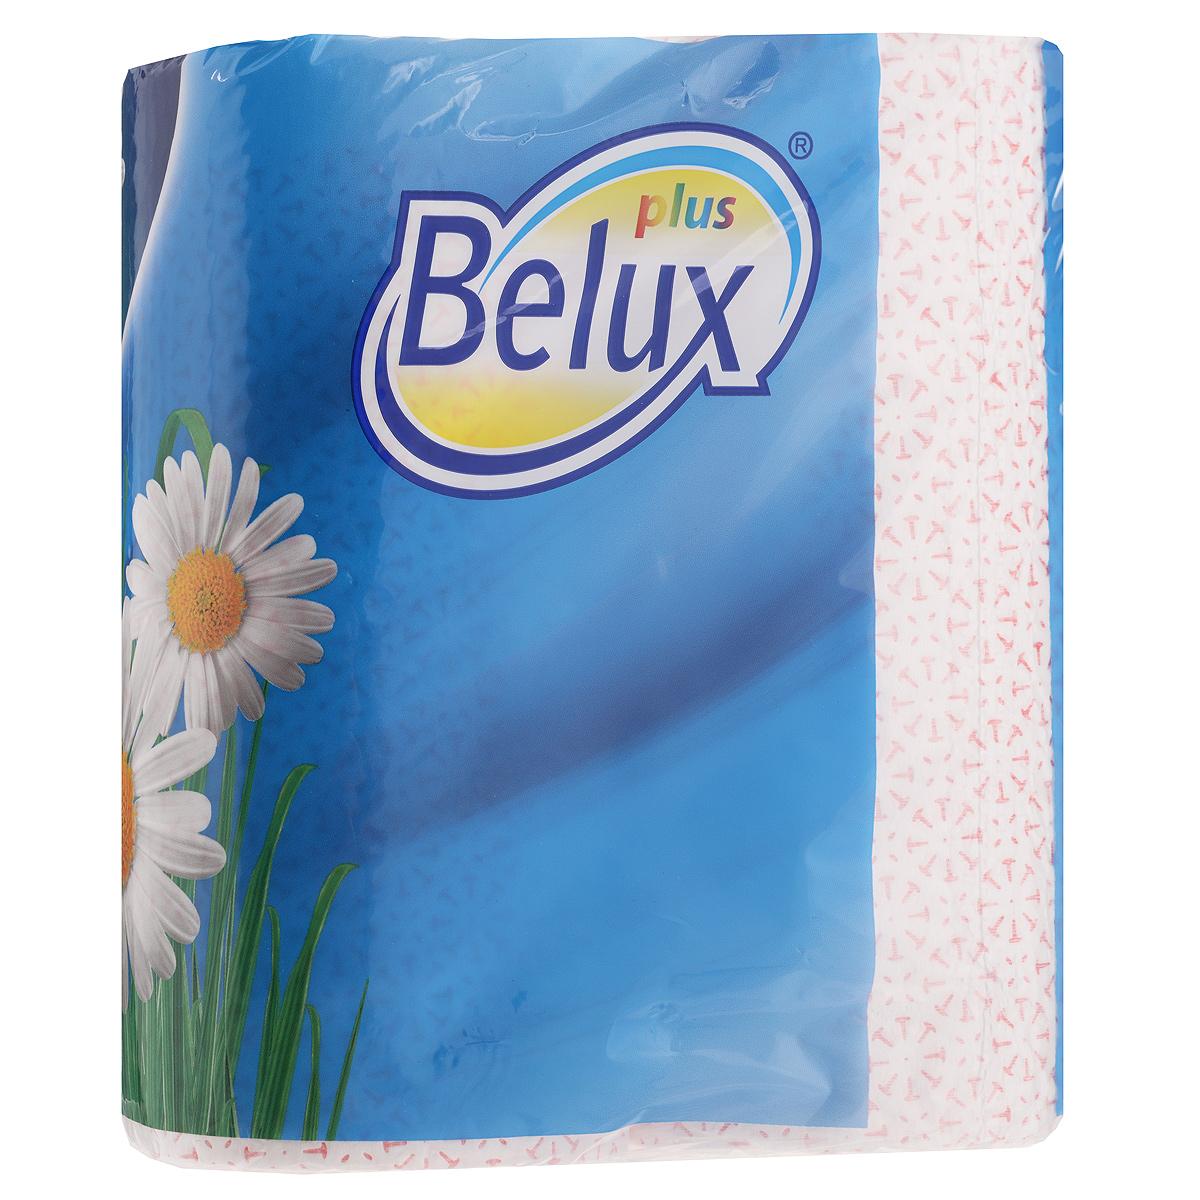 Полотенца кухонные бумажные Belux, двухслойные, цвет: белый, розовый, 2 рулона20119Кухонные бумажные полотенца Belux прекрасно подойдут для использования на кухне. В комплекте - 2 рулона двухслойных полотенец с тиснением. Полотенца мягкие, но в тоже время прочные, с отрывом по линии перфорации.Особенности полотенец:- не оставляют разводов на гладких и стеклянных поверхностях, - идеально впитывают влагу, - отлично впитывают жир, - подходят для ухода за домашними животными, бытовой техникой, автомобилем.Товар сертифицирован.